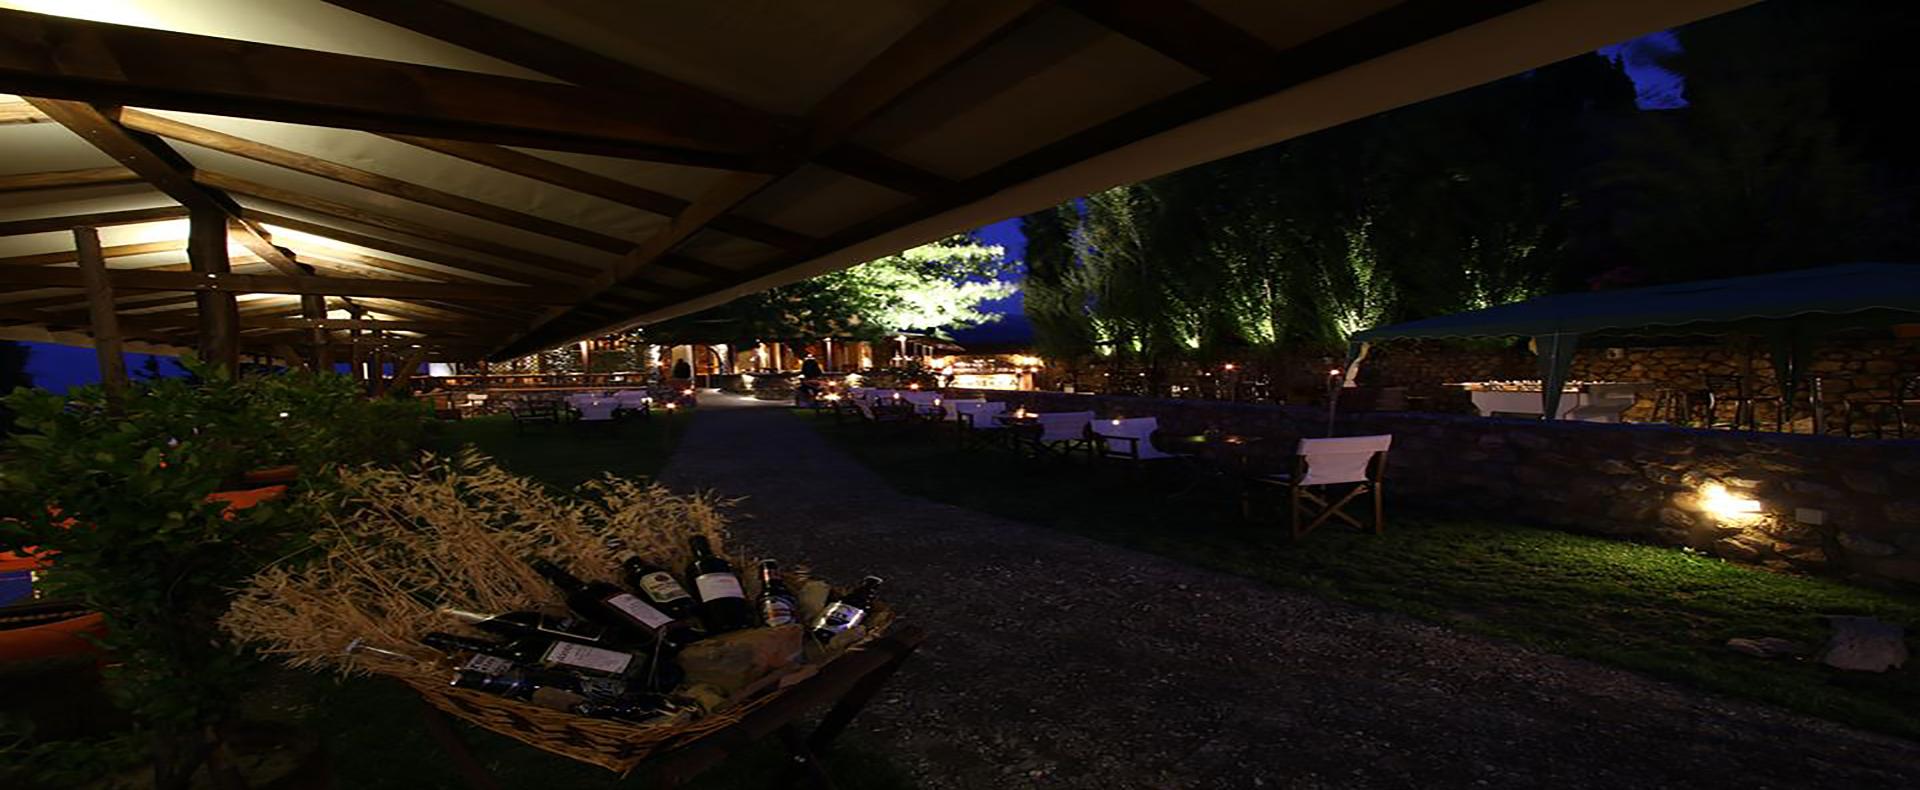 """Παραδοσιακός Ξενώνας """"Μυθοξένια"""" στο Γεωργίτσι Λακωνίας"""